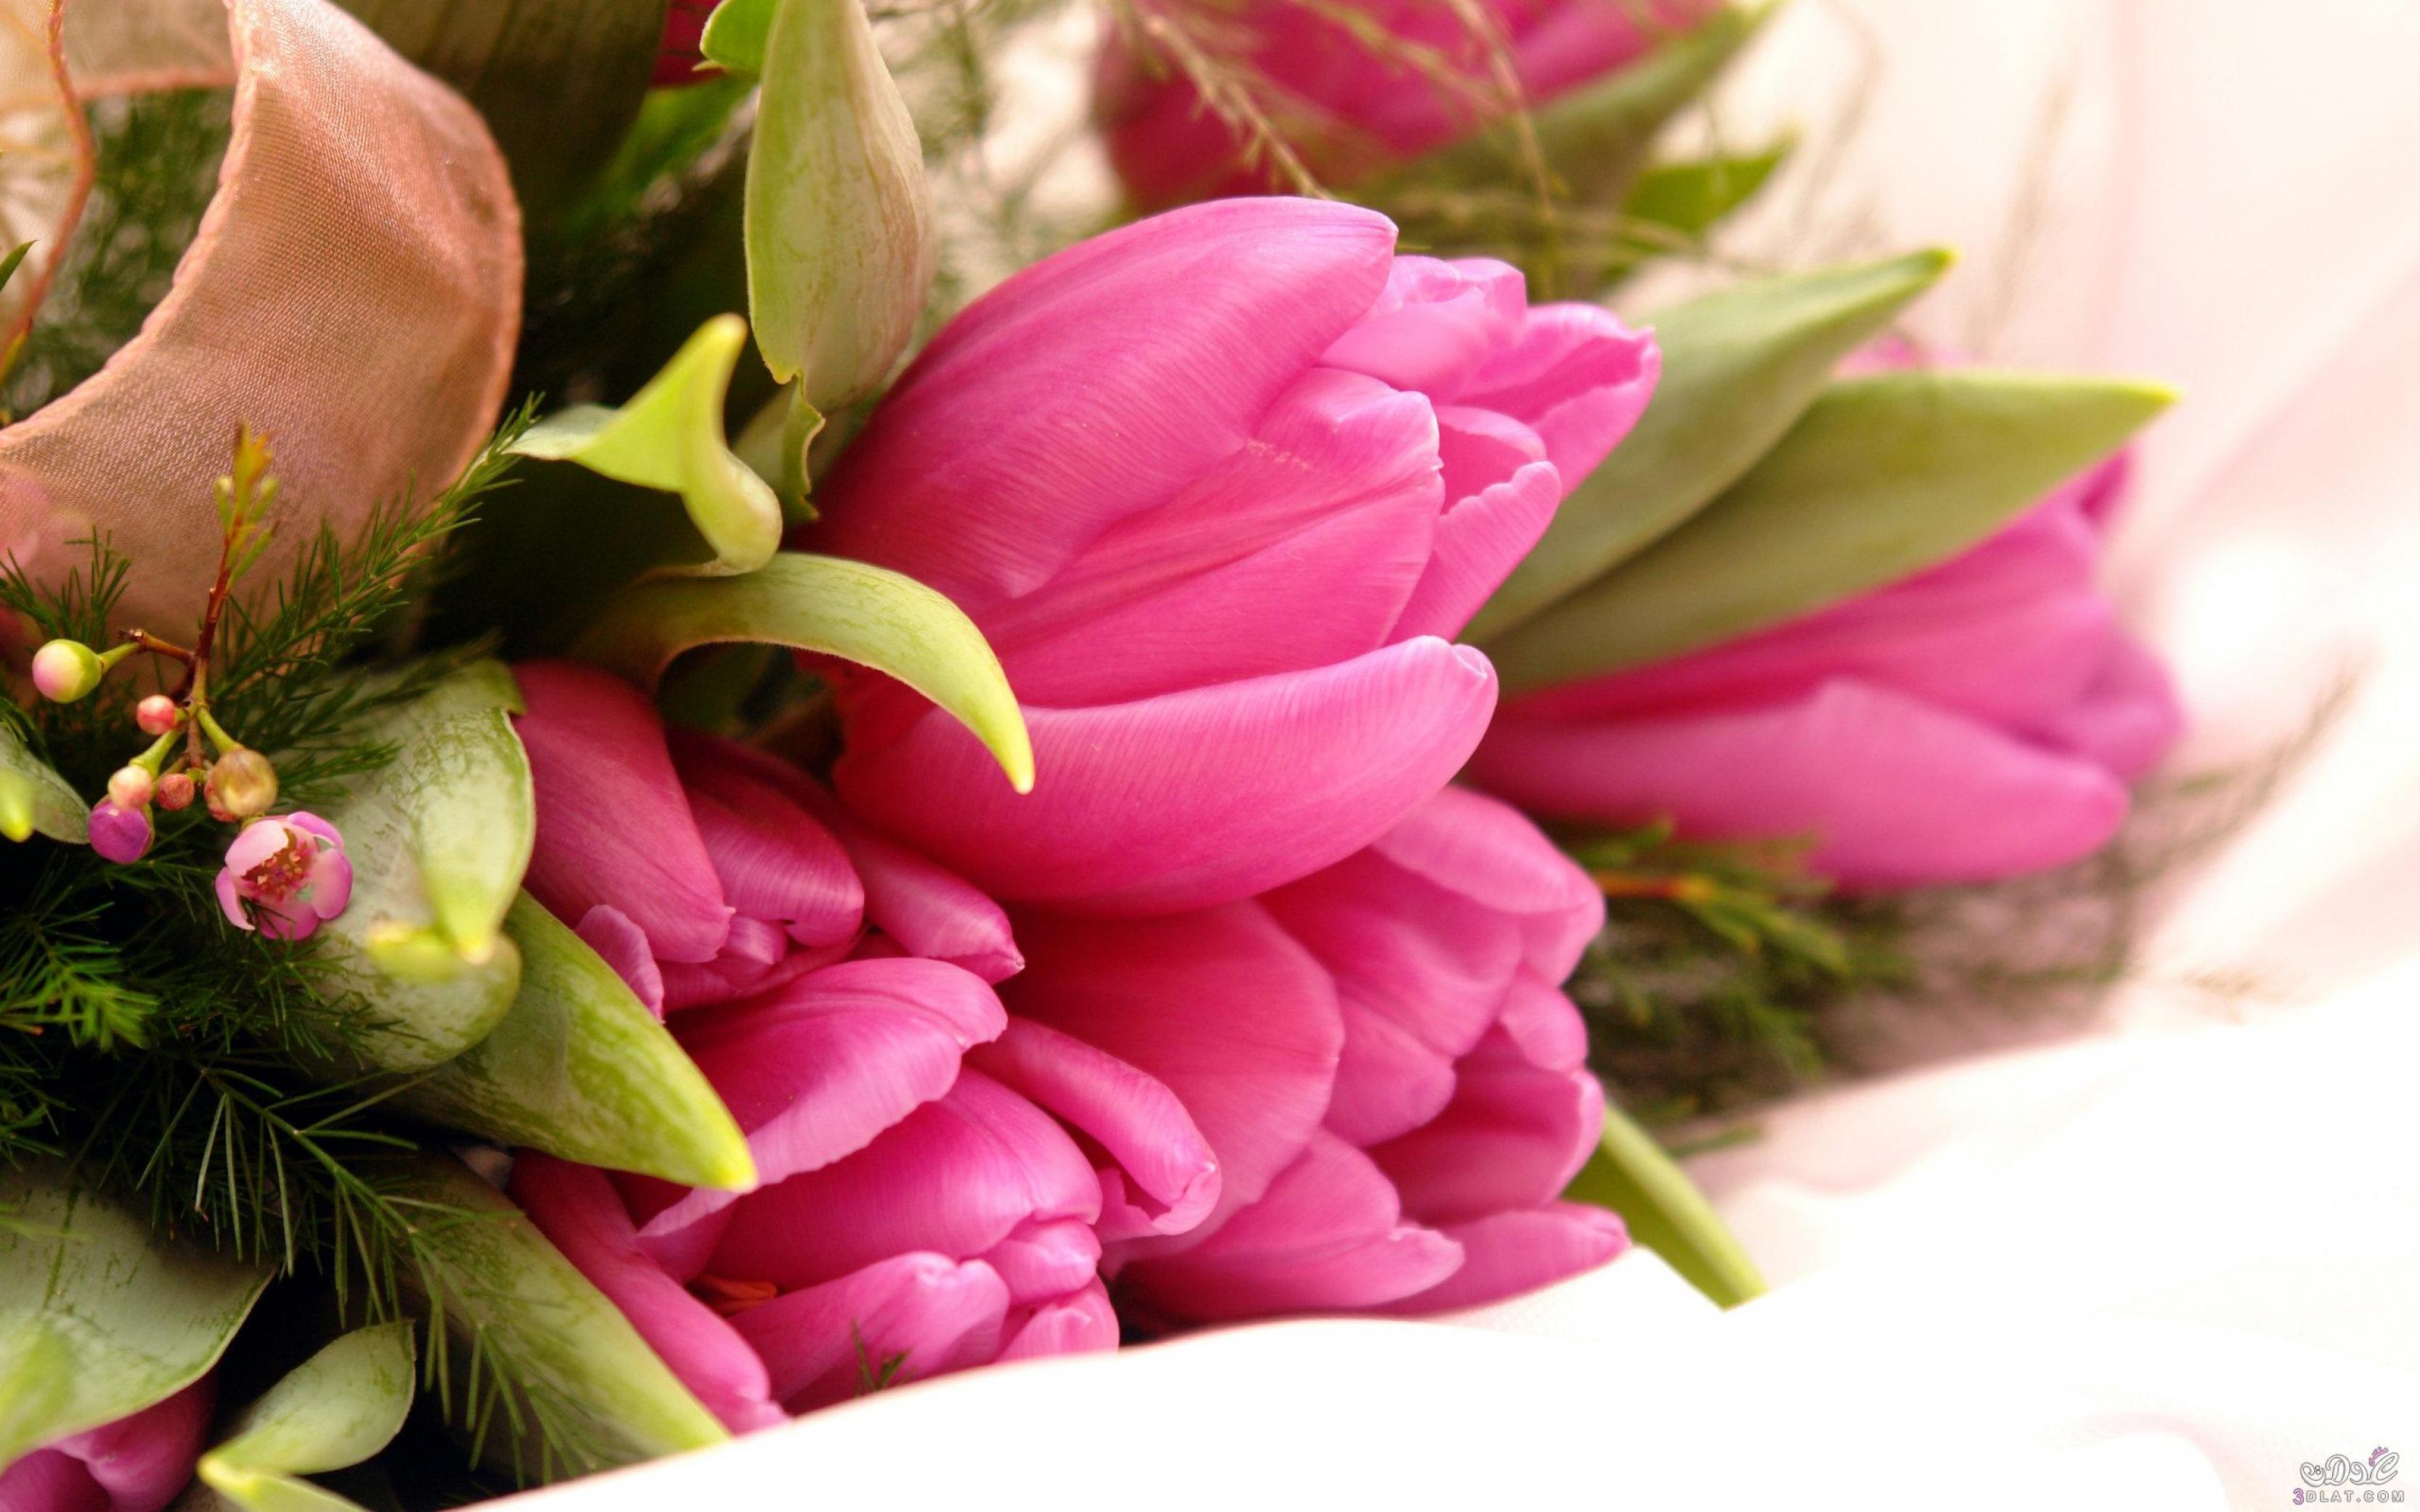 بالصور صور زهور جميلة وملونة 20160716 3223